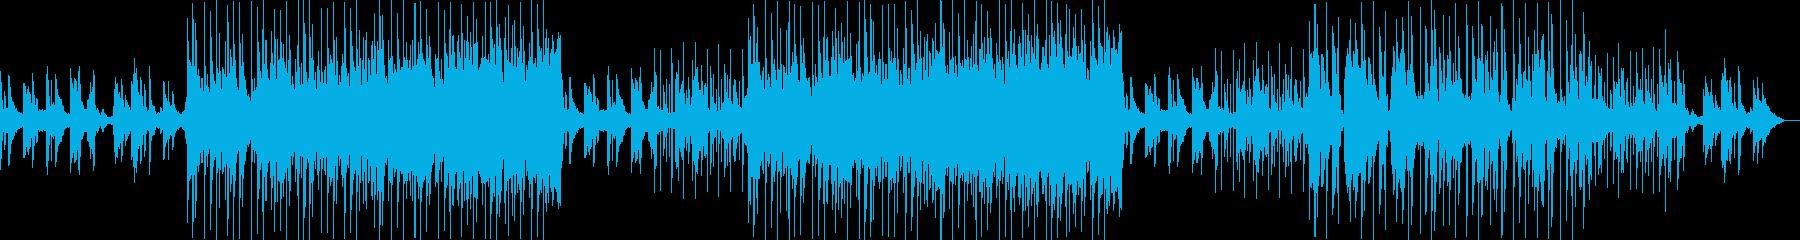 切ないピアノからはじまる和風トラックの再生済みの波形